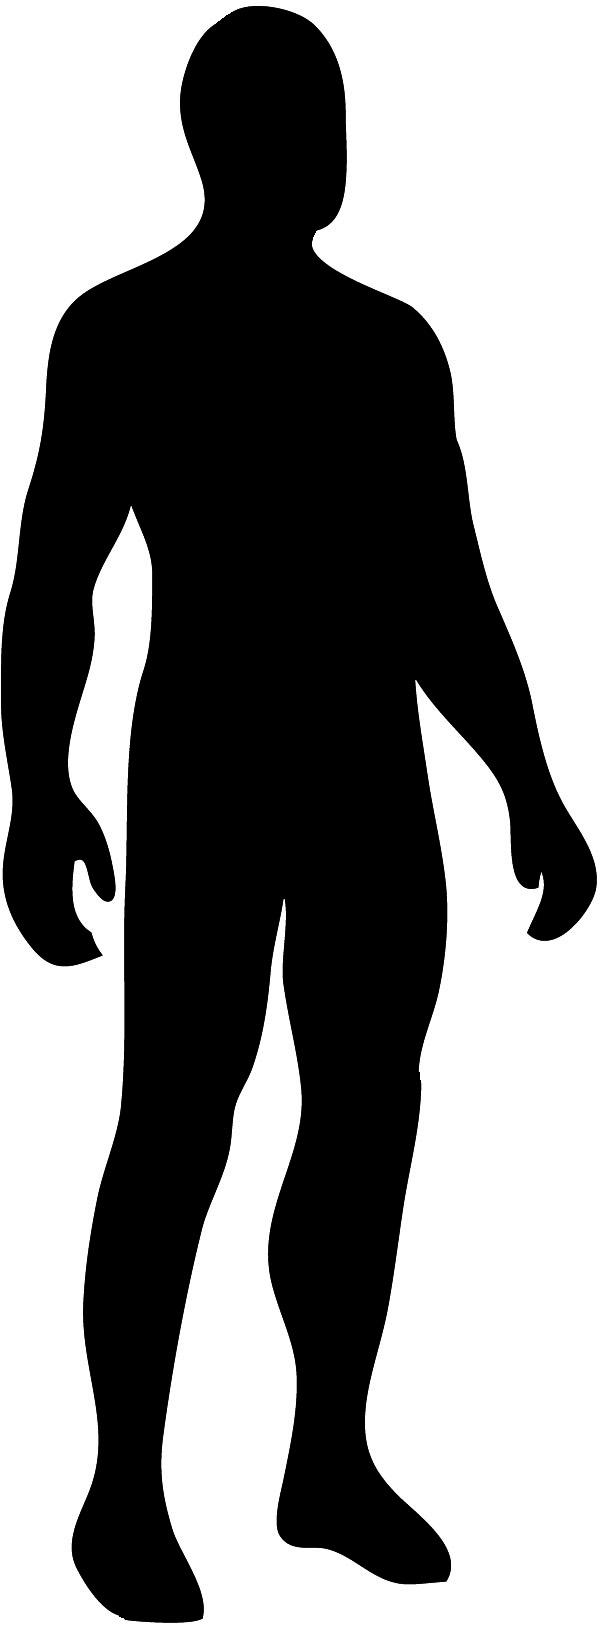 600x1627 Body Silhouette Clip Art Clipart